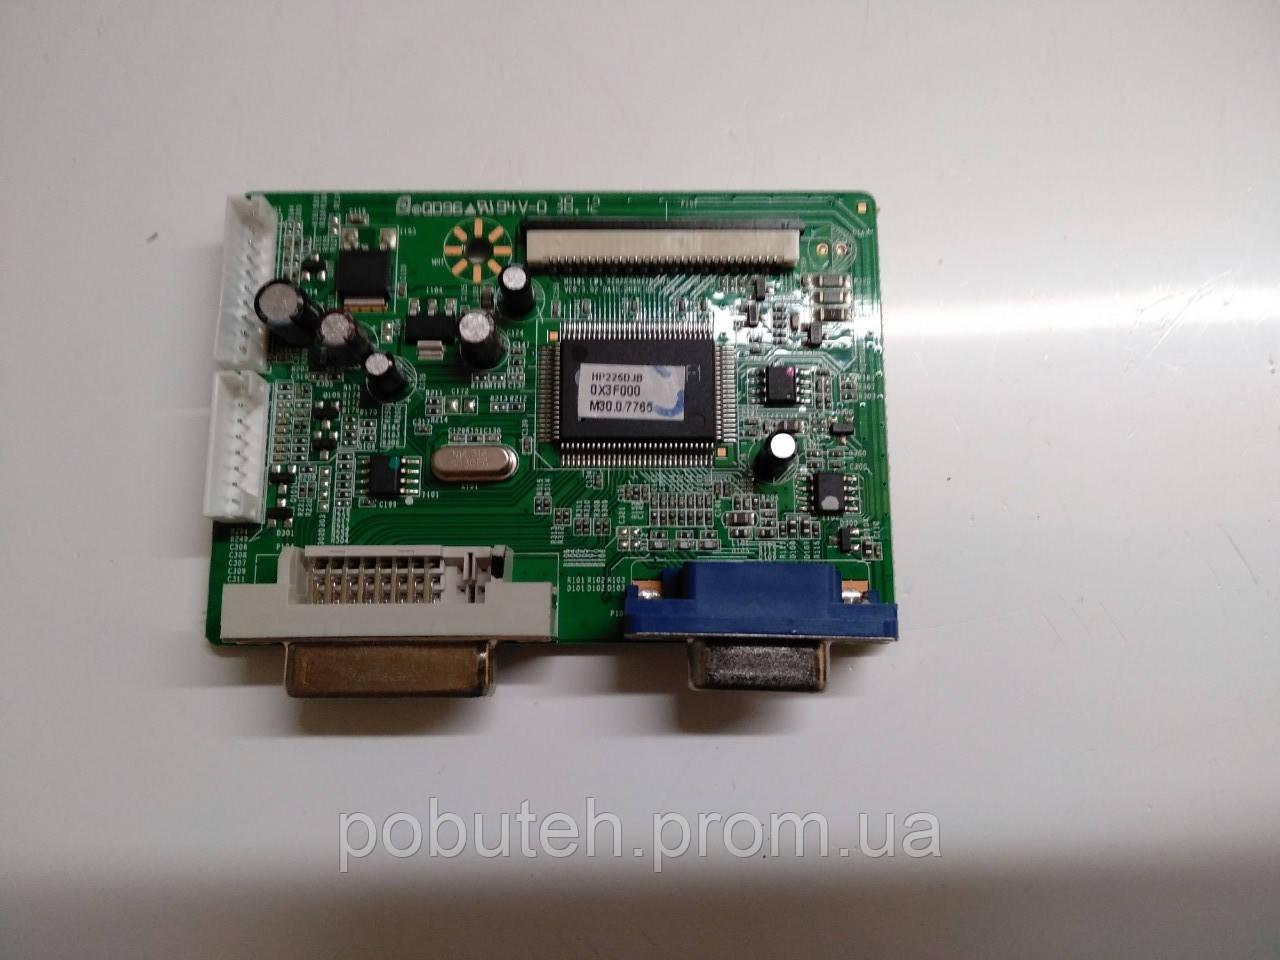 Скалер монитора HP225DJB